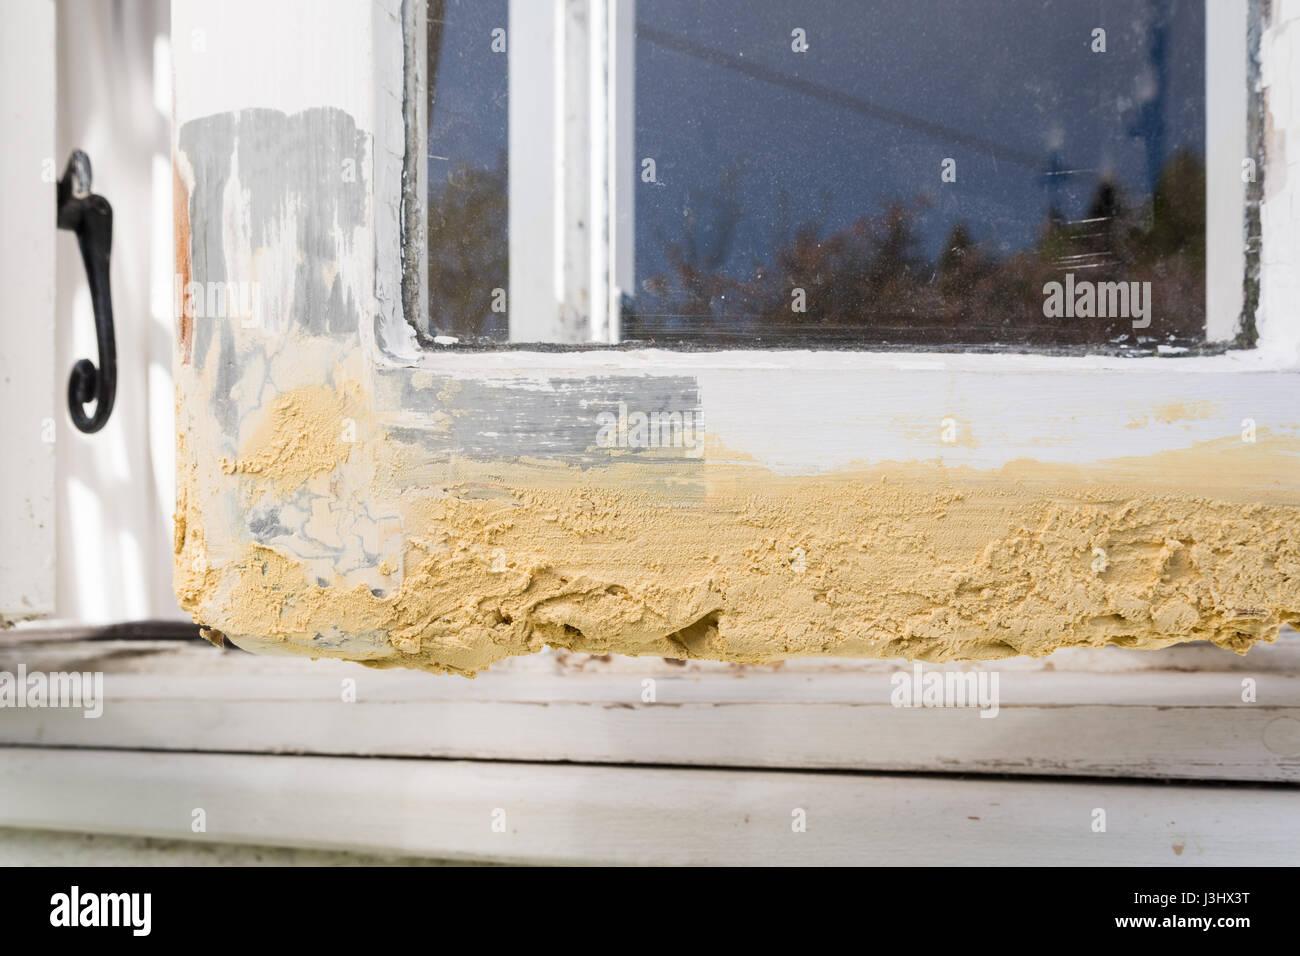 Beliebt morsche Holz Holzfenster - diy Reparatur mit Spachtelmasse vor dem SR62